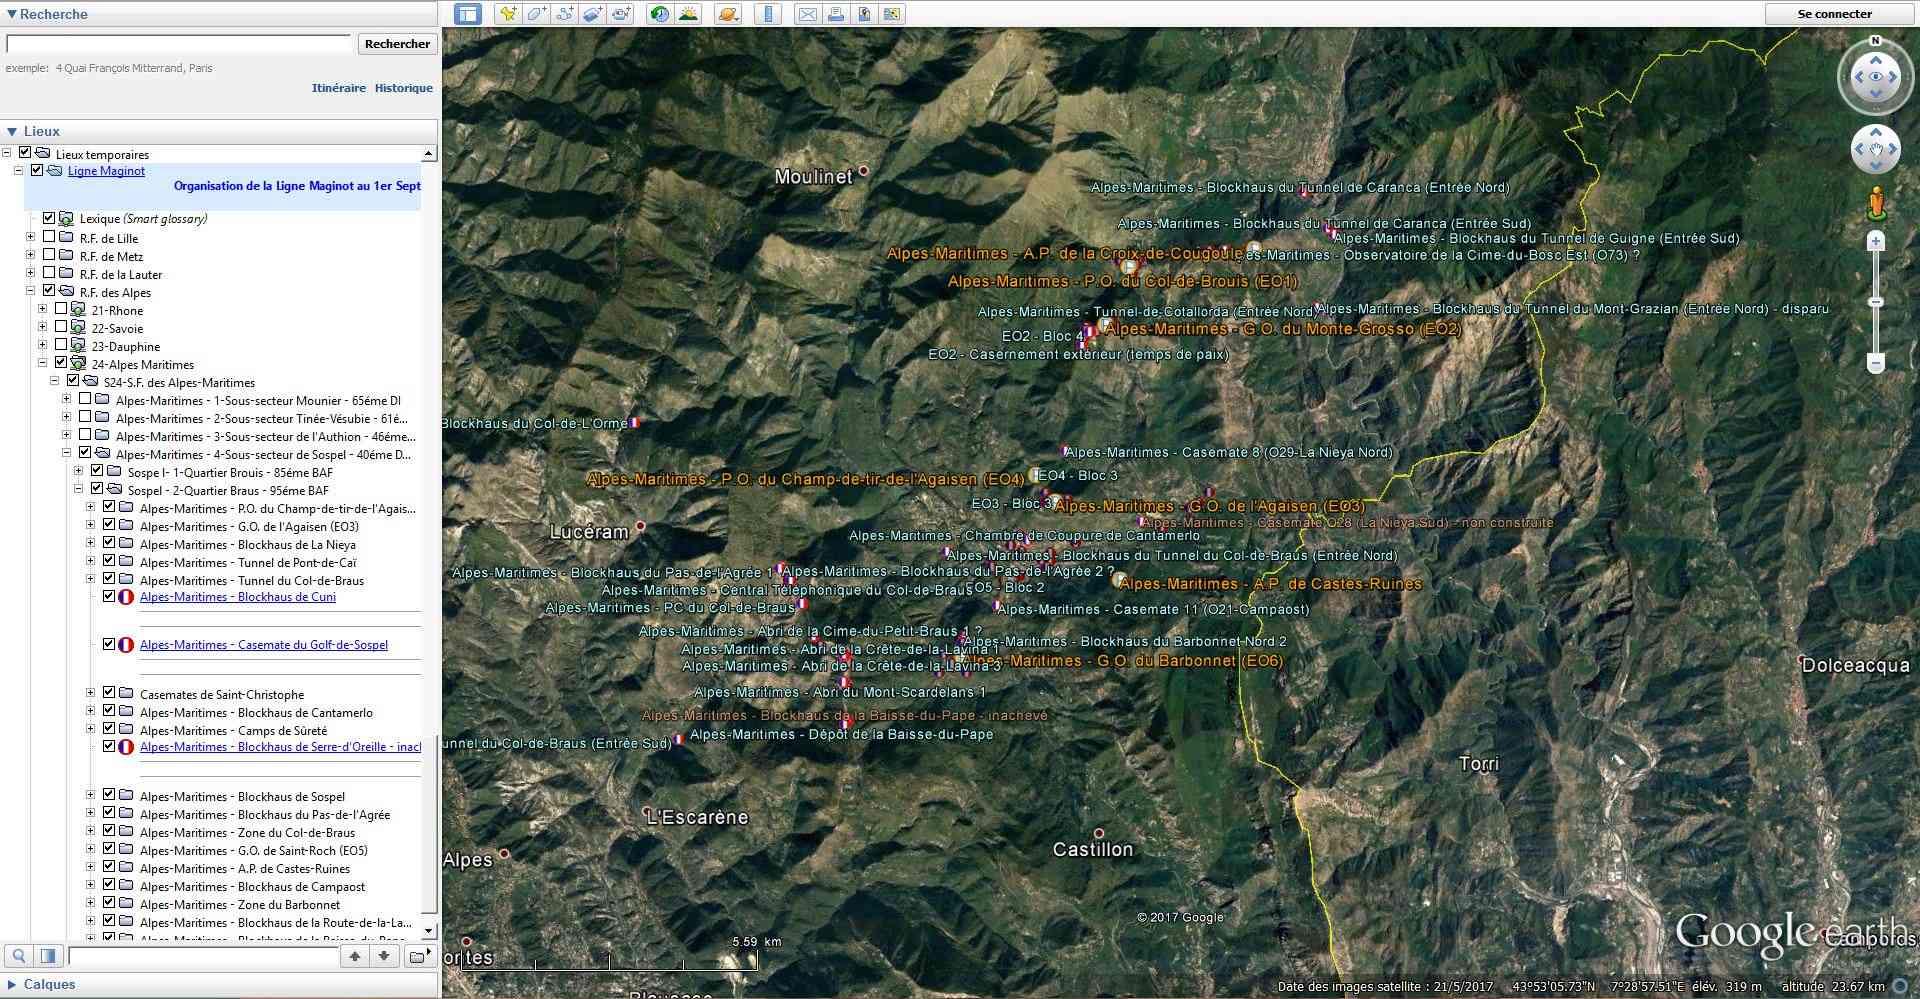 La Route des Grandes Alpes - Page 21 Tsge_114